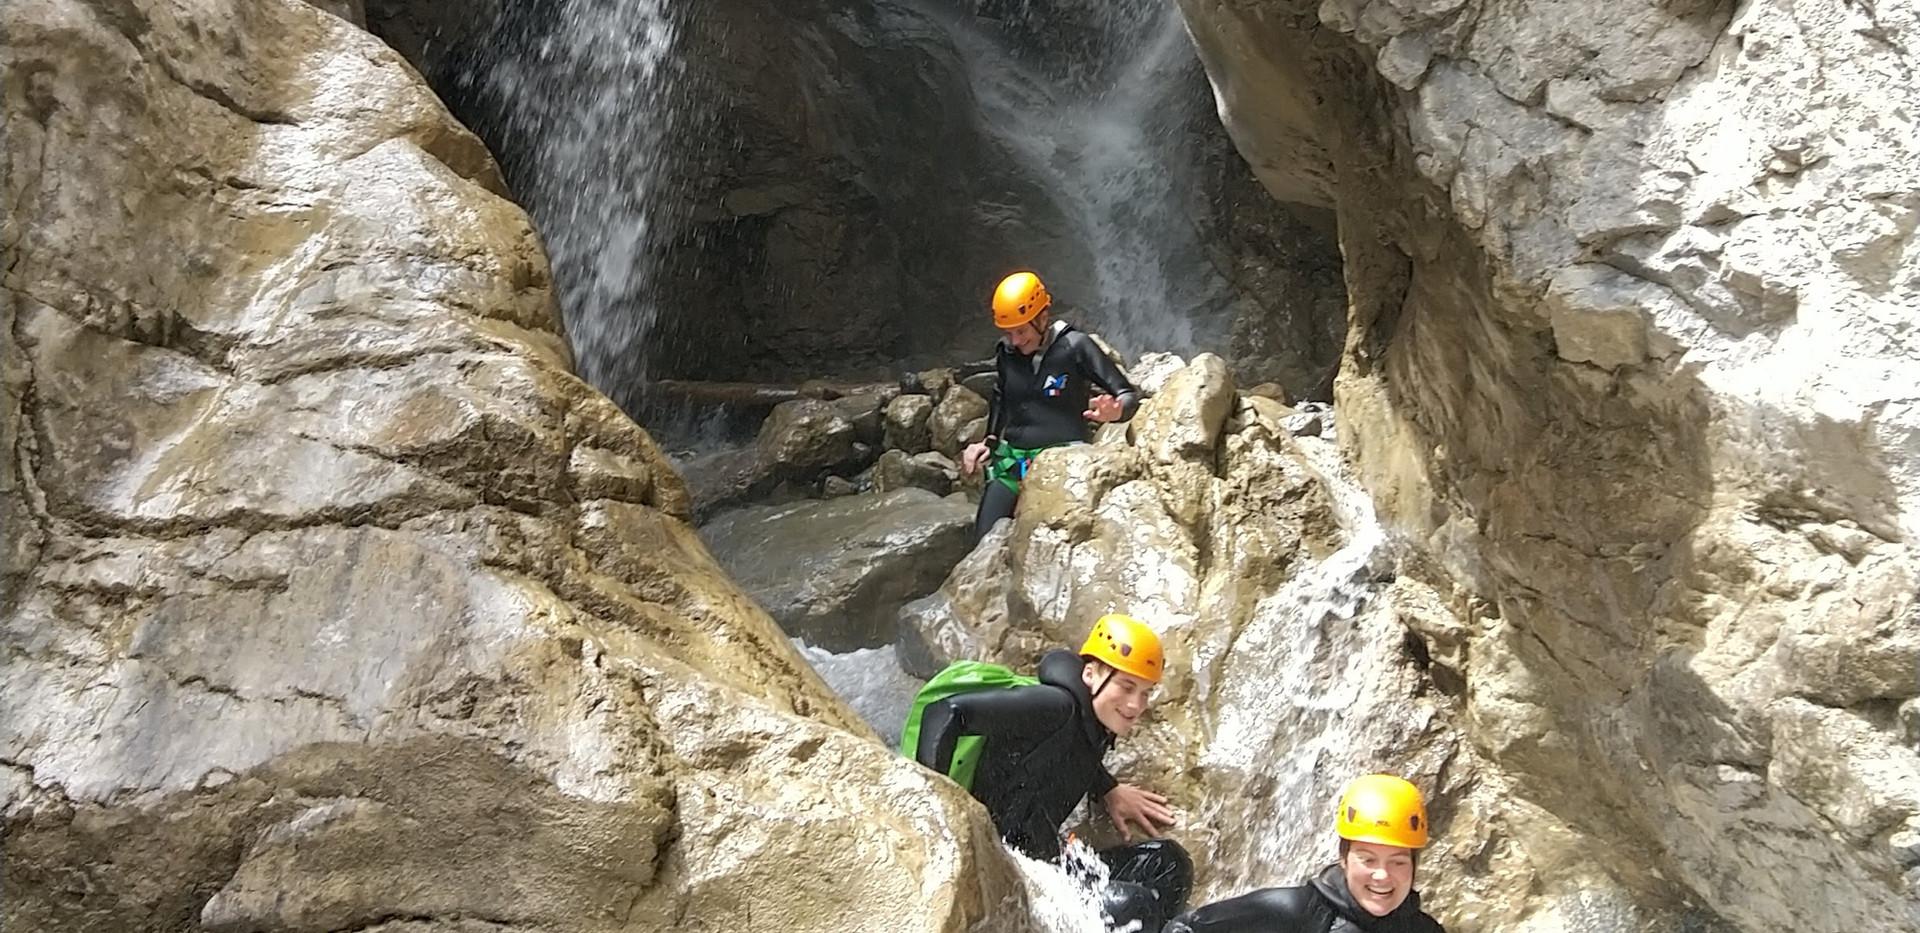 un super canyon à découvrir entre amis aussi